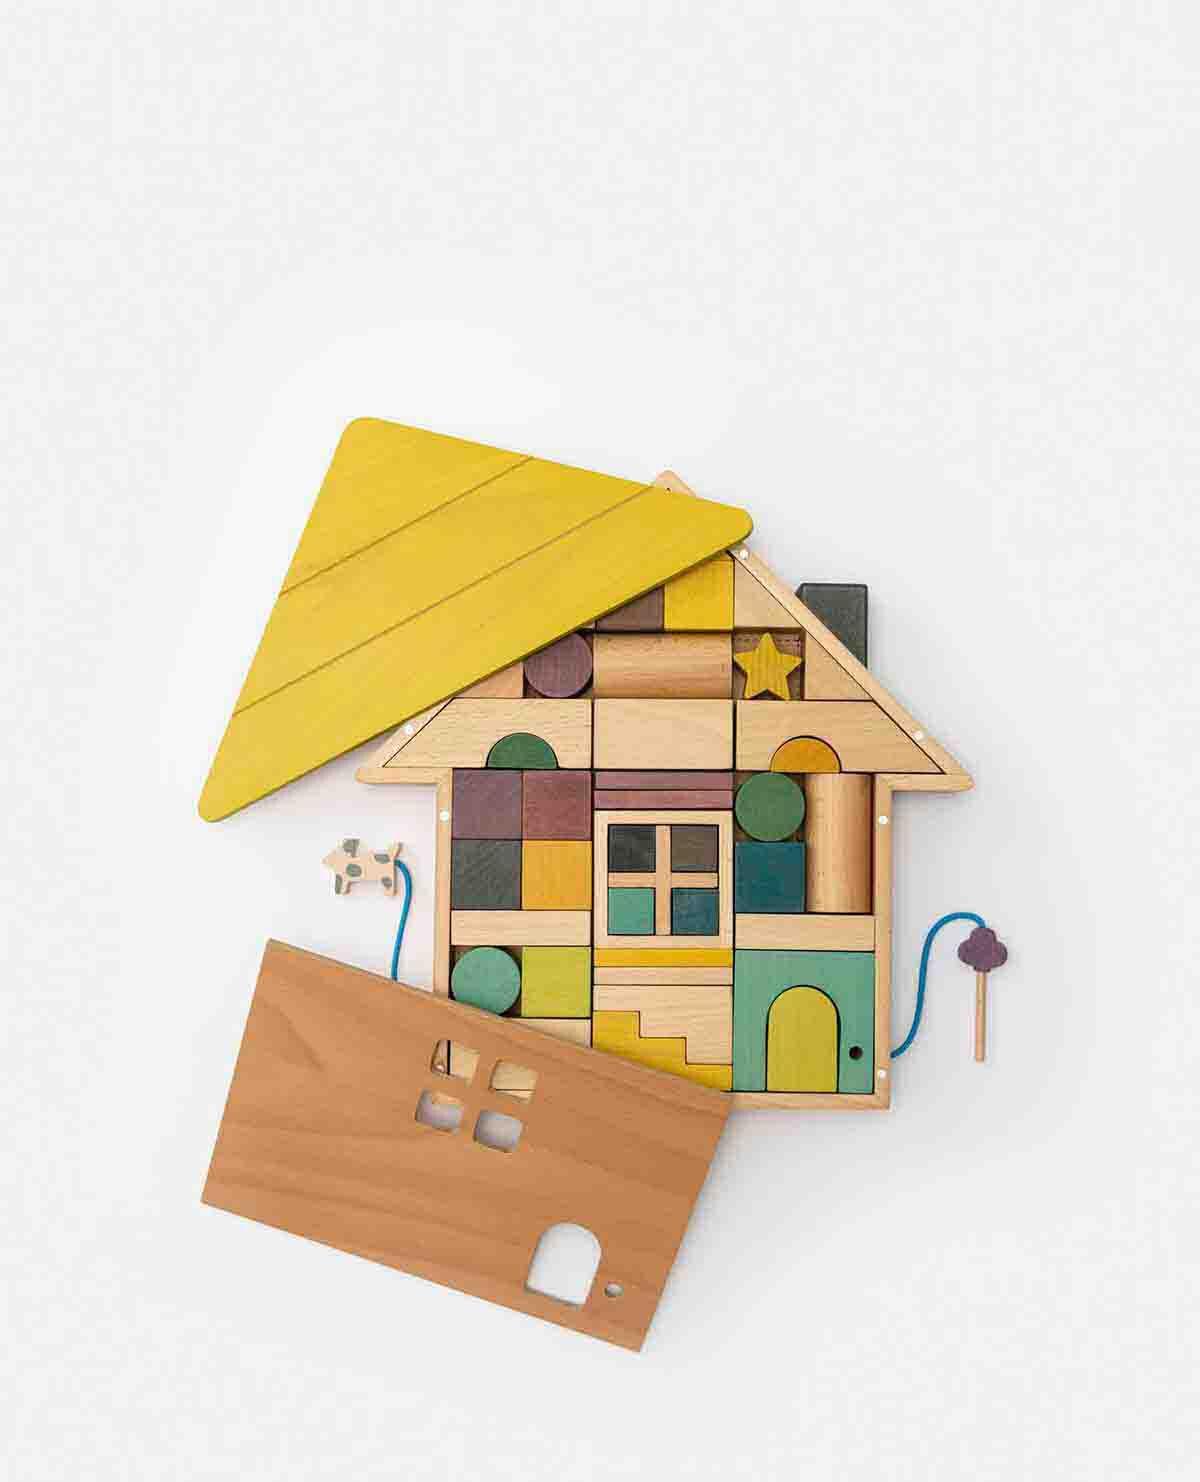 積み木 家 木製